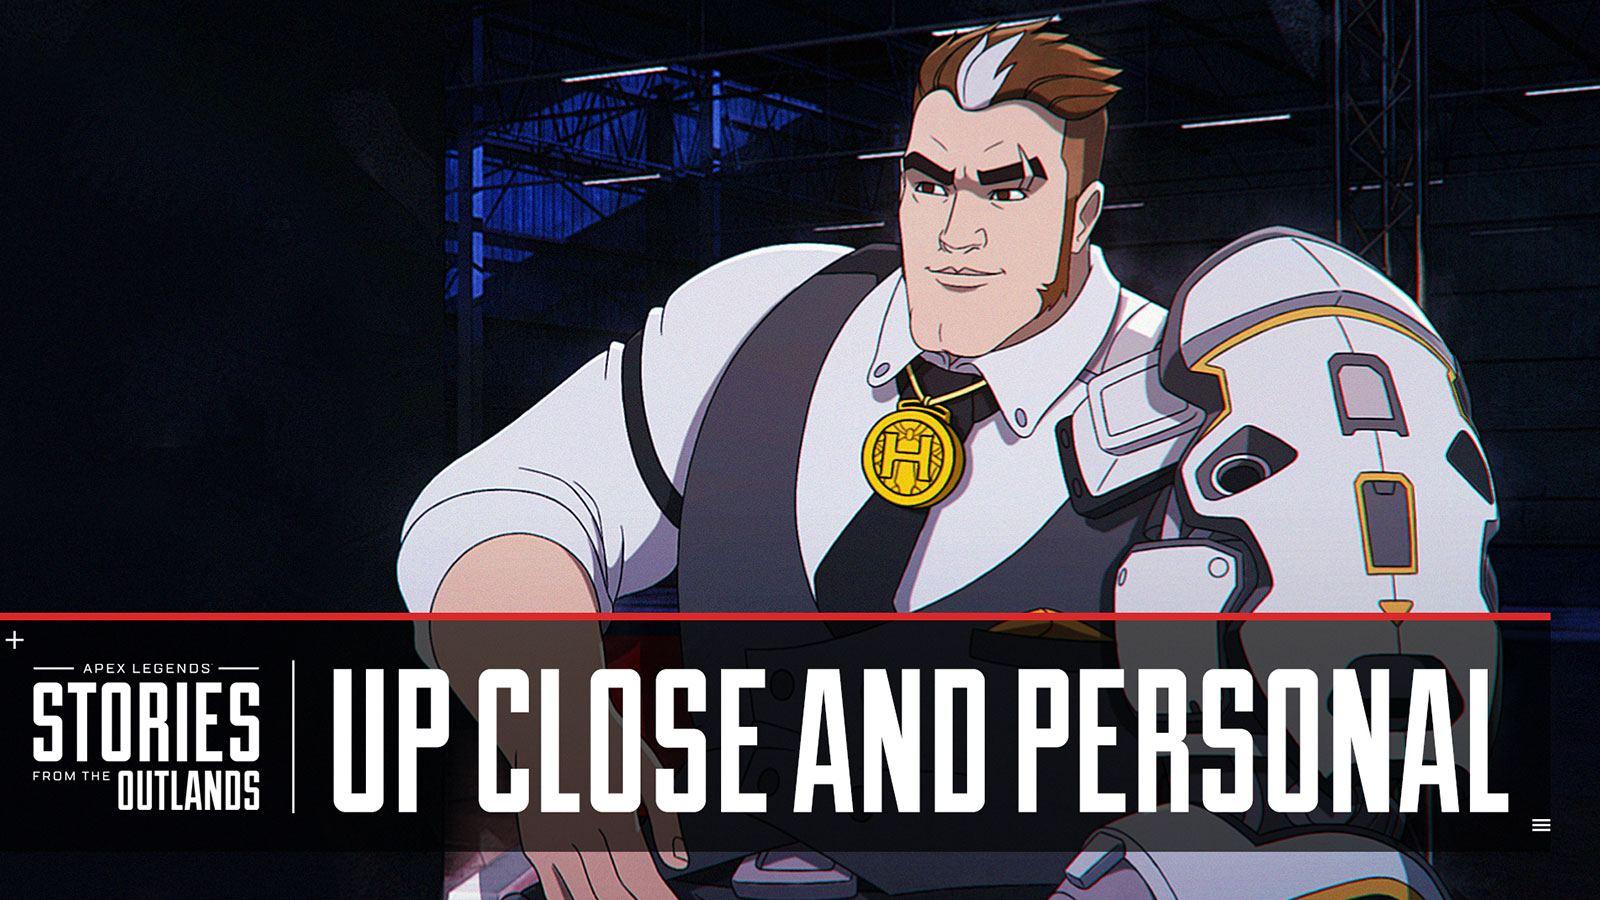 Forge Apex Legends Respawn Entertainment